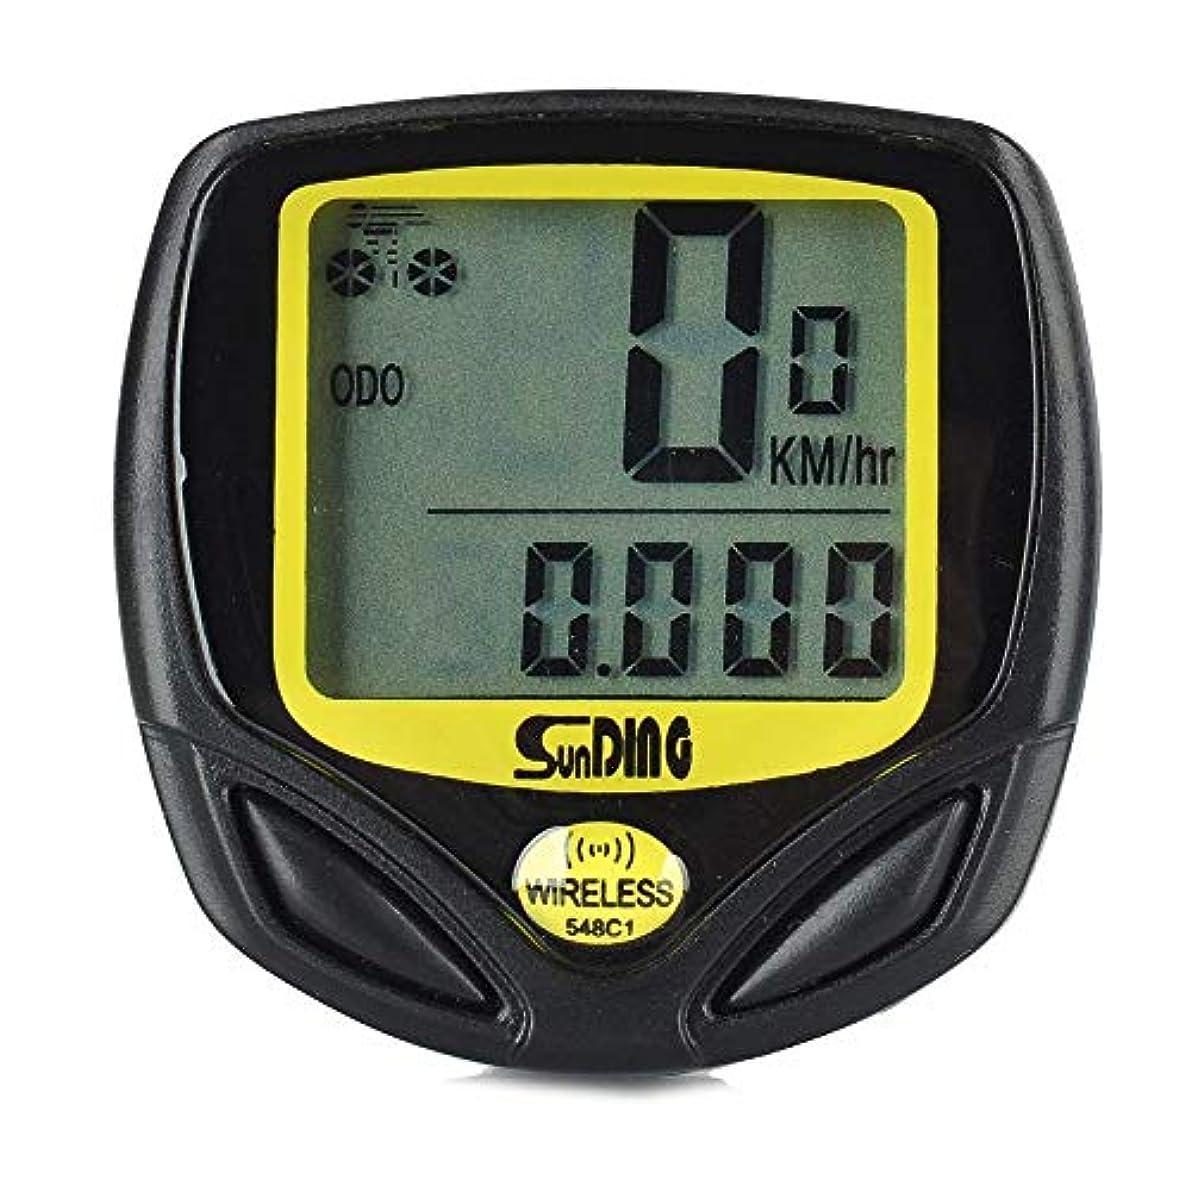 世界添付邪魔するSunDing SD-548C ワイヤレスバイク速度計 SD548C [並行輸入品]